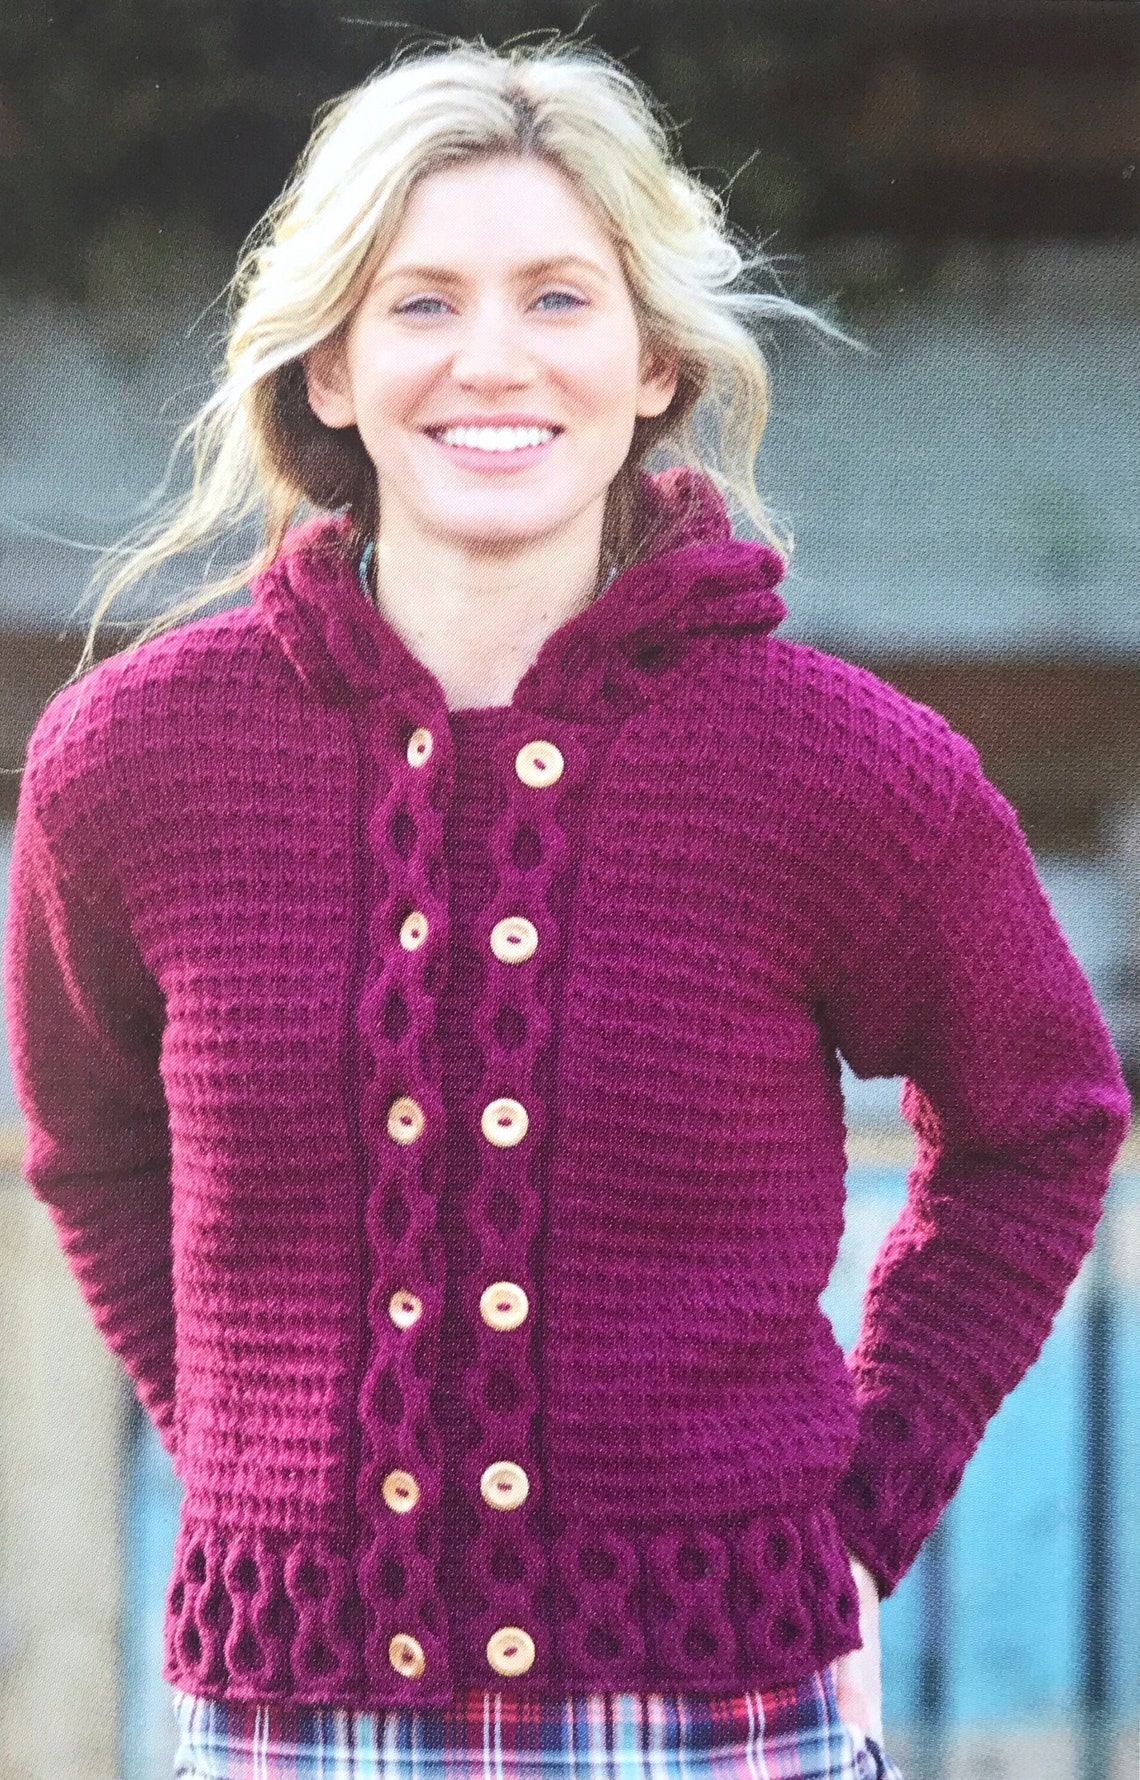 Aran Jacke stricken Muster Doppel-Brust größere Größen | Etsy